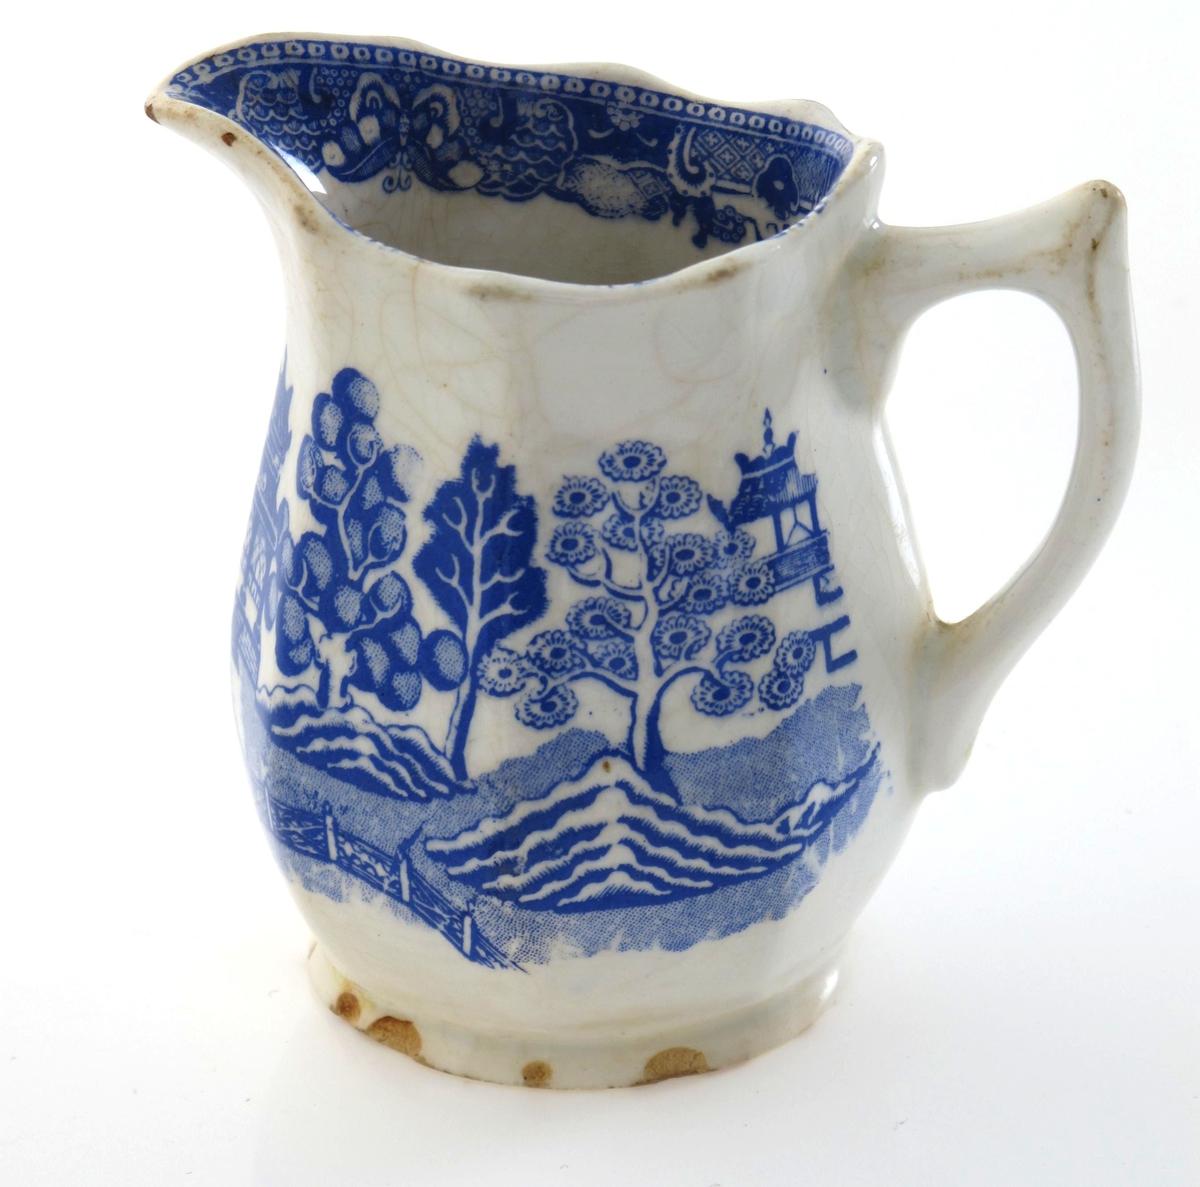 Deler av  kaffeservise, mønster   Willow Pattern,  1880 årene,  Egersund Fayencefabrik. Stemplet. (type 1880-88).    Stentøy,  hvitt med blå påtrykt dekor, dels gullkant,   AAM.1205l-53. Asjetter, 3 stk.   AAM.12054-58 3 kopper med 5 skåler.  AAM.12059. Fløtemugge.